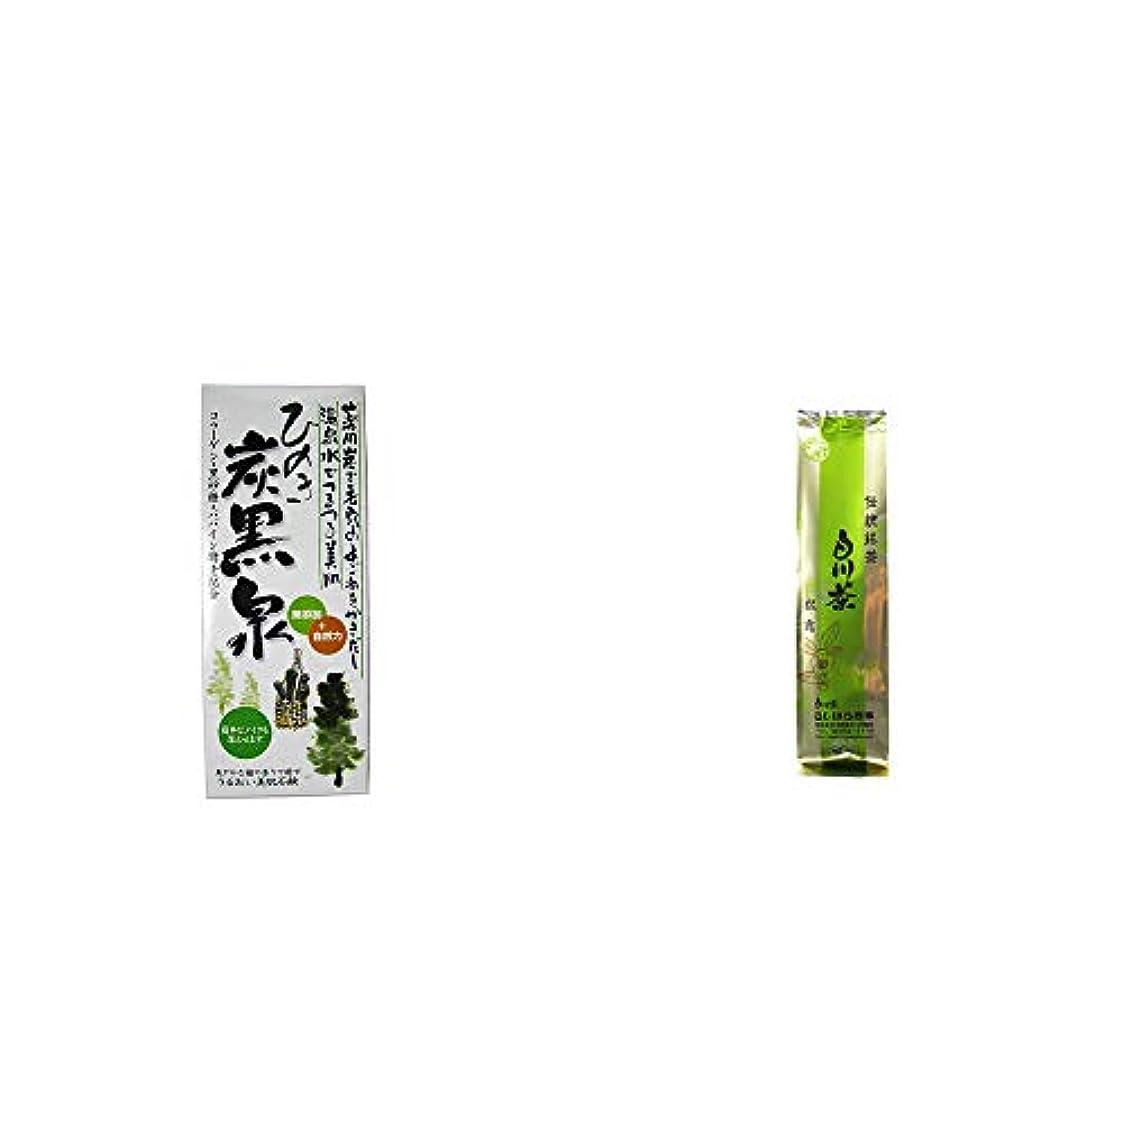 メイドアルバムメロディアス[2点セット] ひのき炭黒泉 箱入り(75g×3)?白川茶 伝統銘茶【松露】(180g)